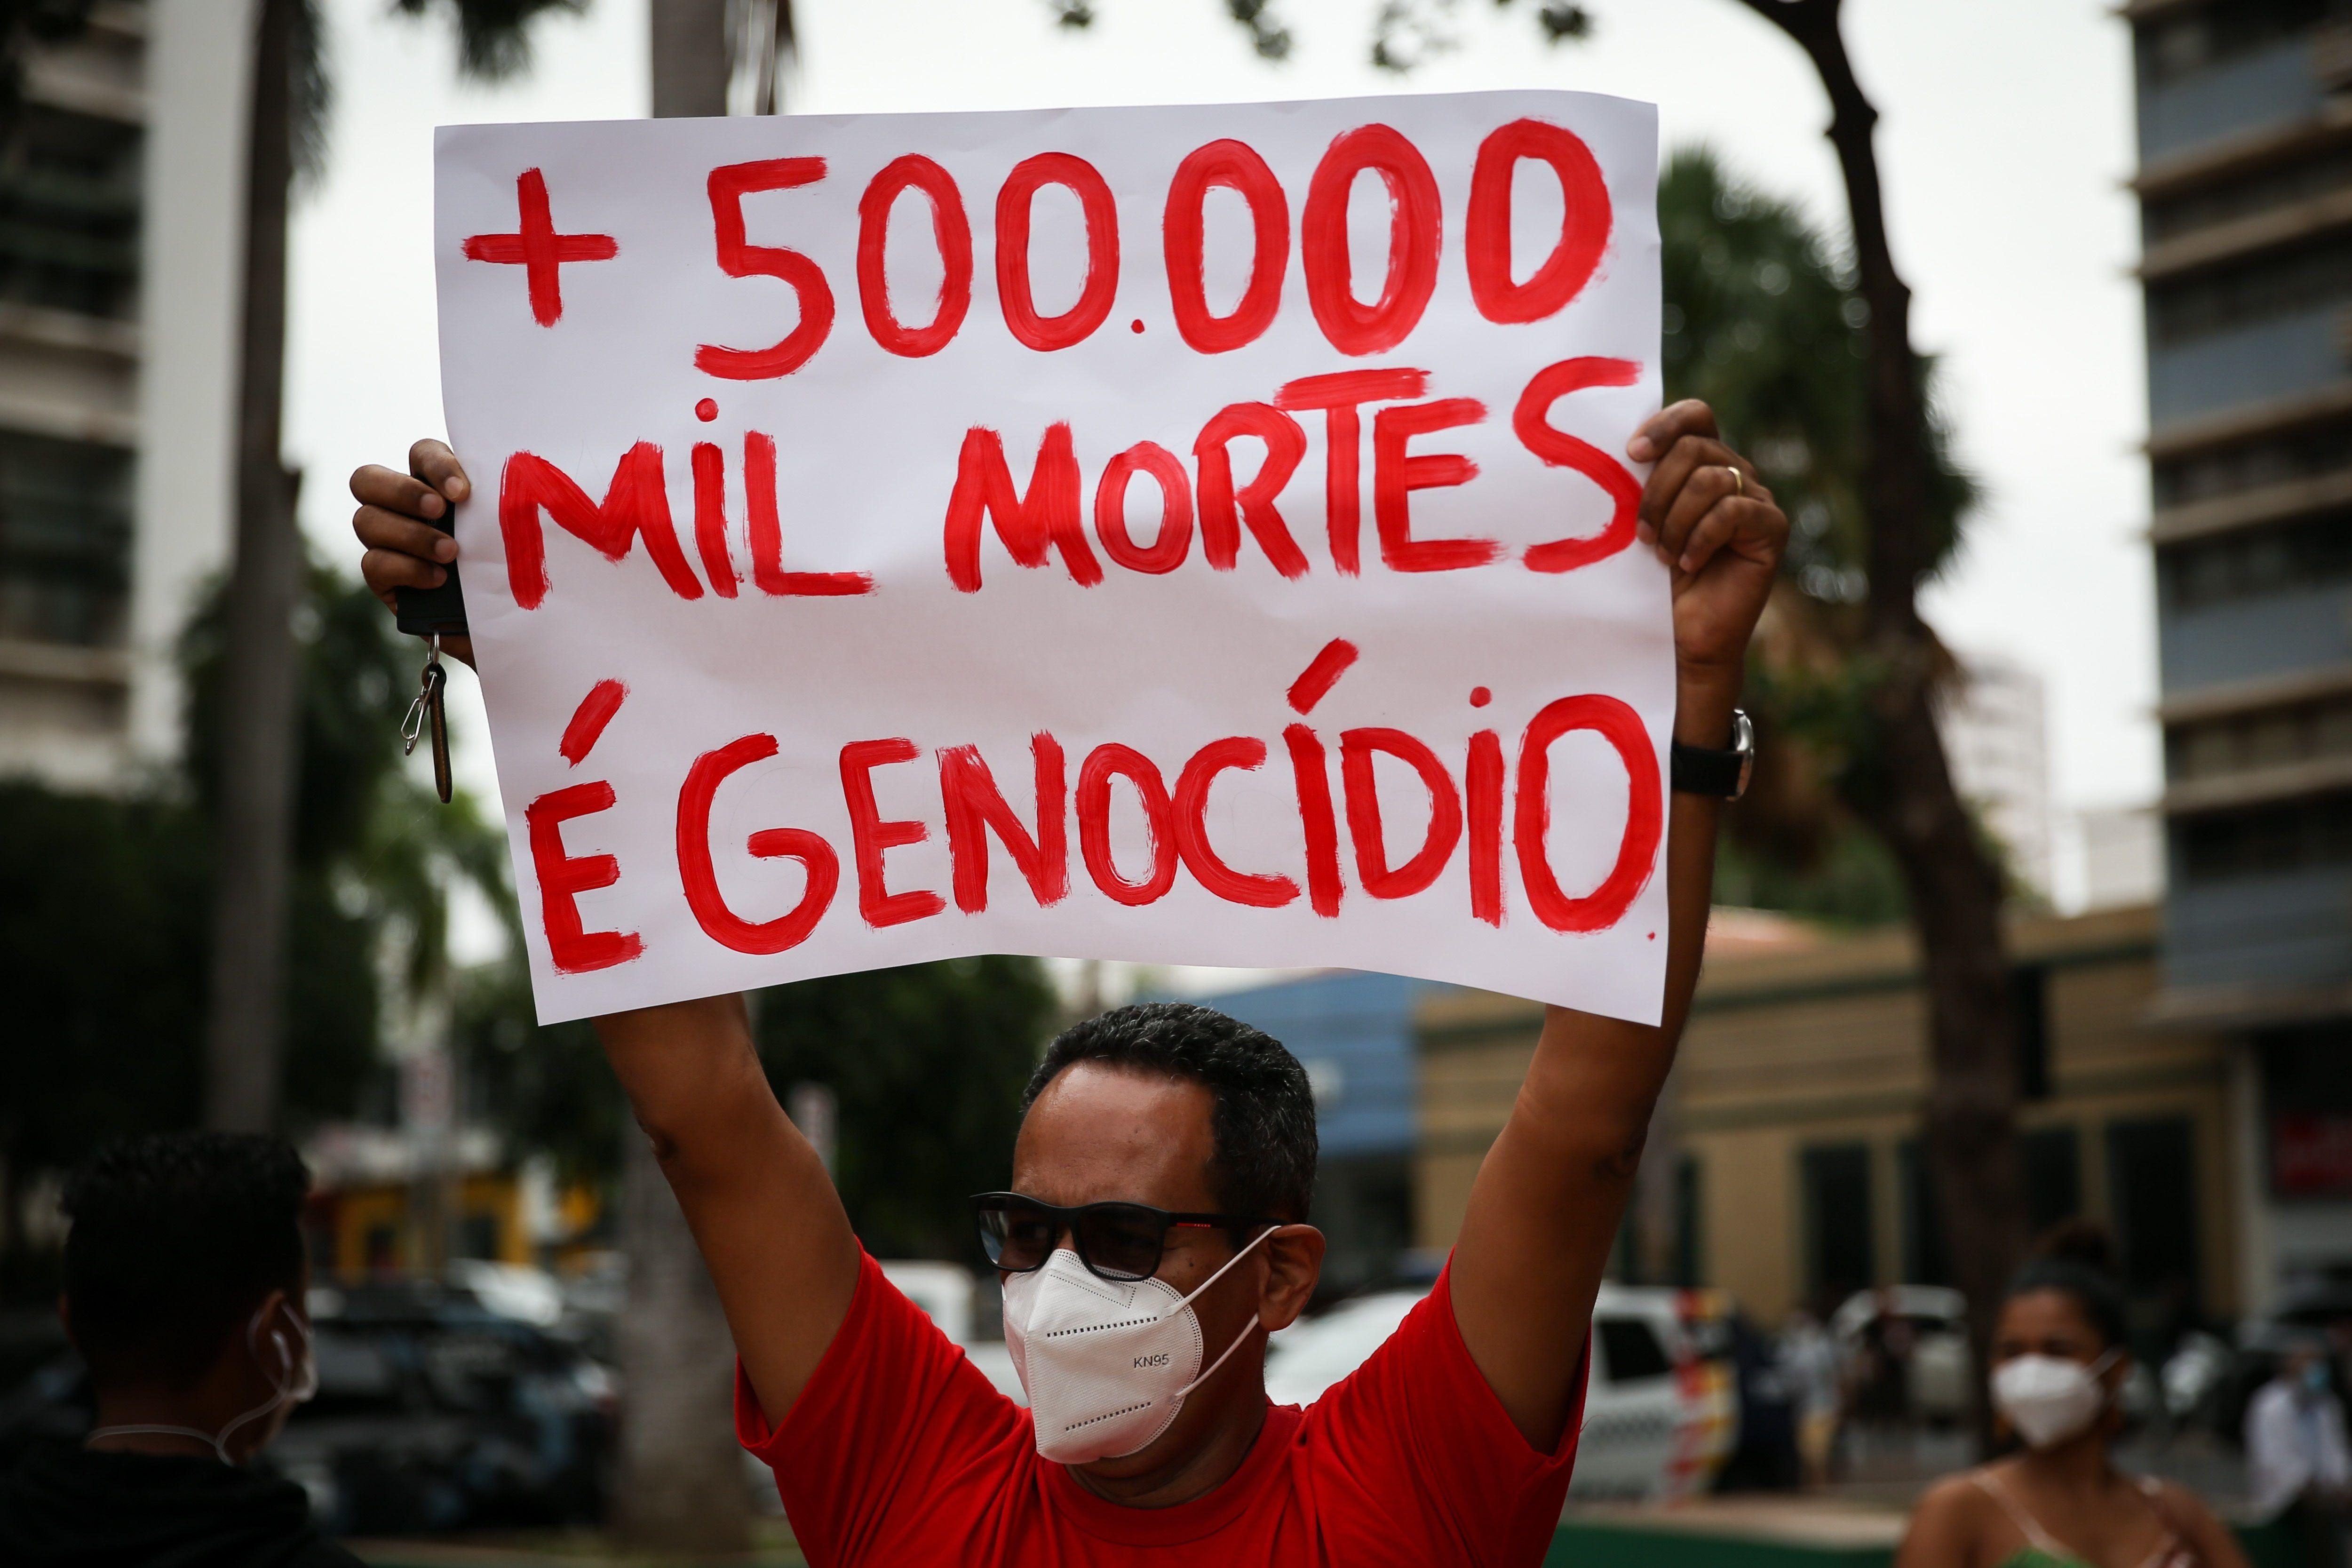 El brote en Río de Janeiro está compuesto por una sola entrada, aunque se ha extendido al estado de São Paulo de forma independiente al menos tres veces EFE/ Raúl Martínez/Archivo